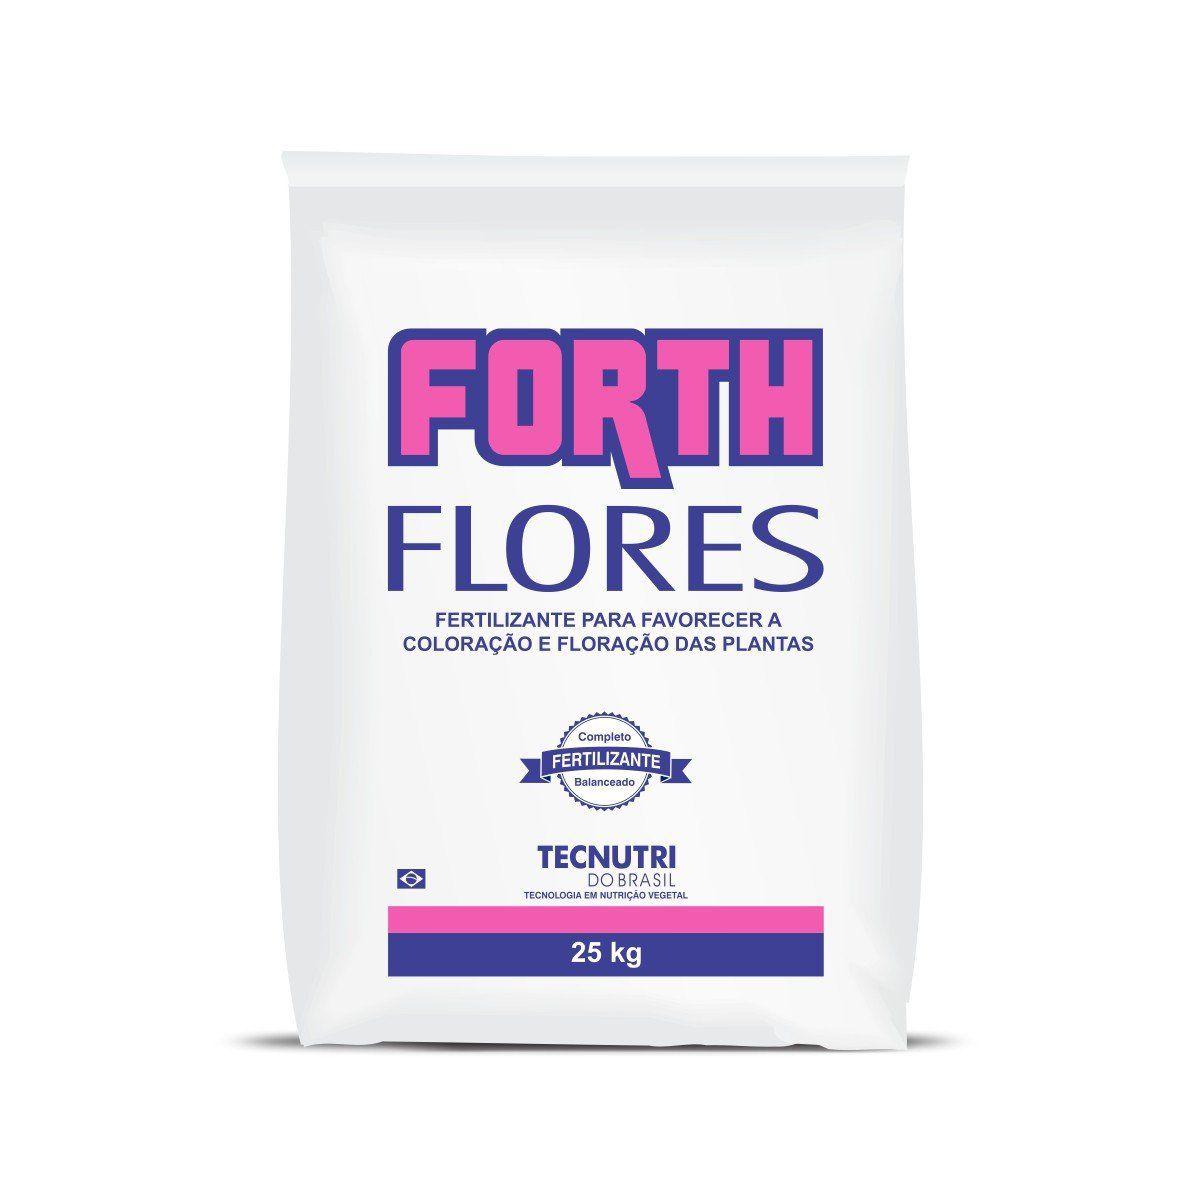 Fertilizante Forth Flores 25kg para Coloração e Floração